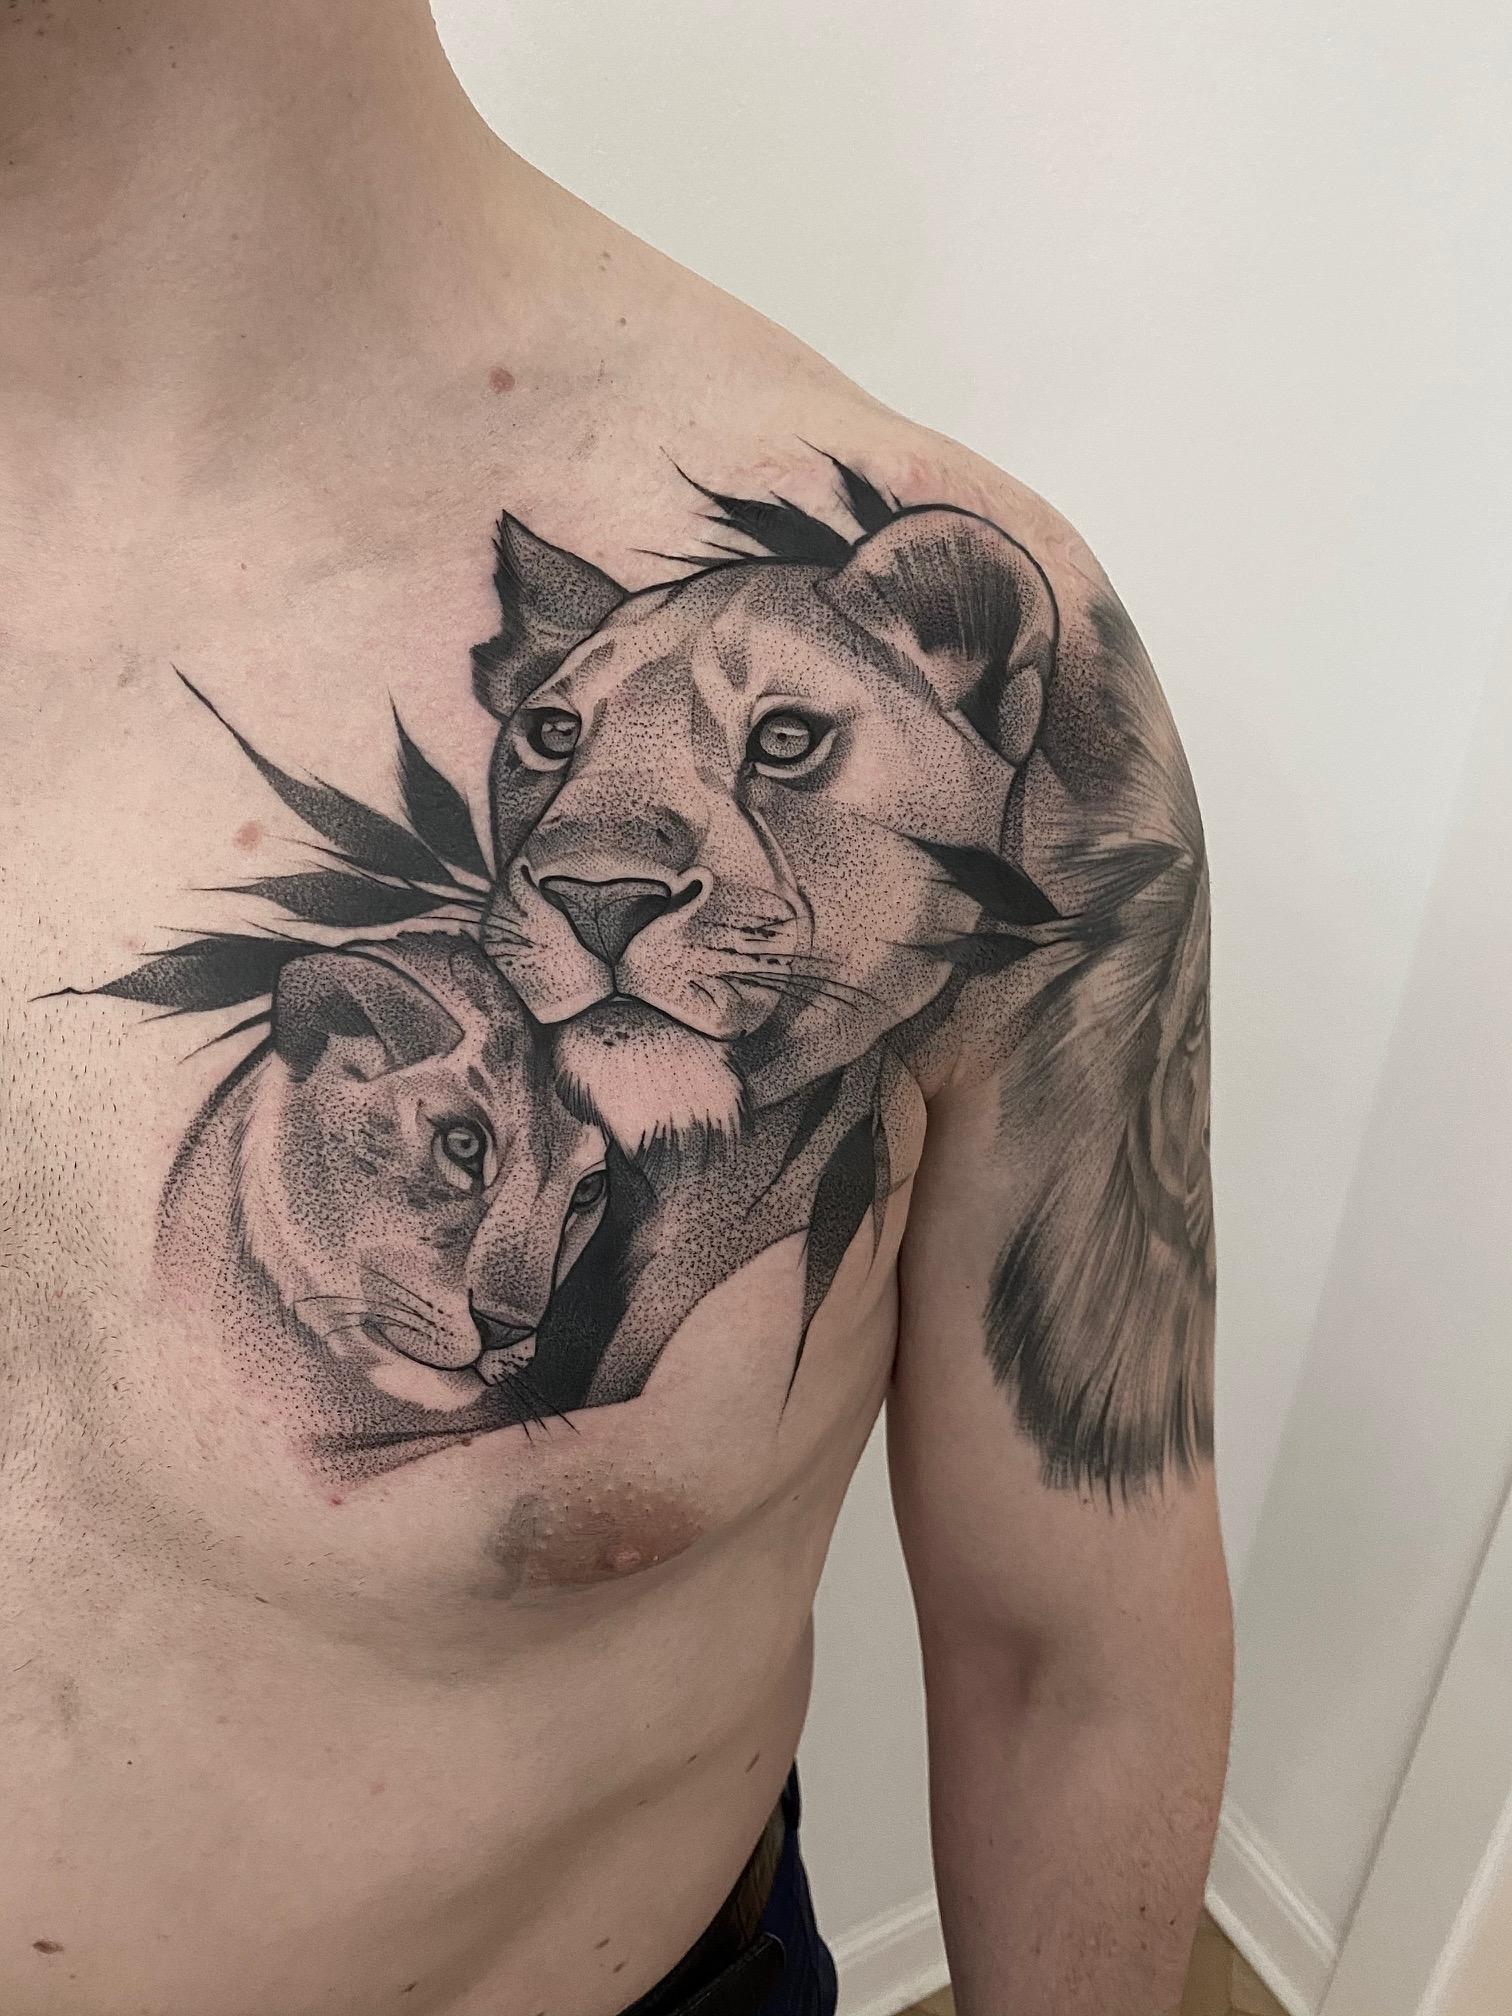 Inksearch tattoo Julia Szewczykowska